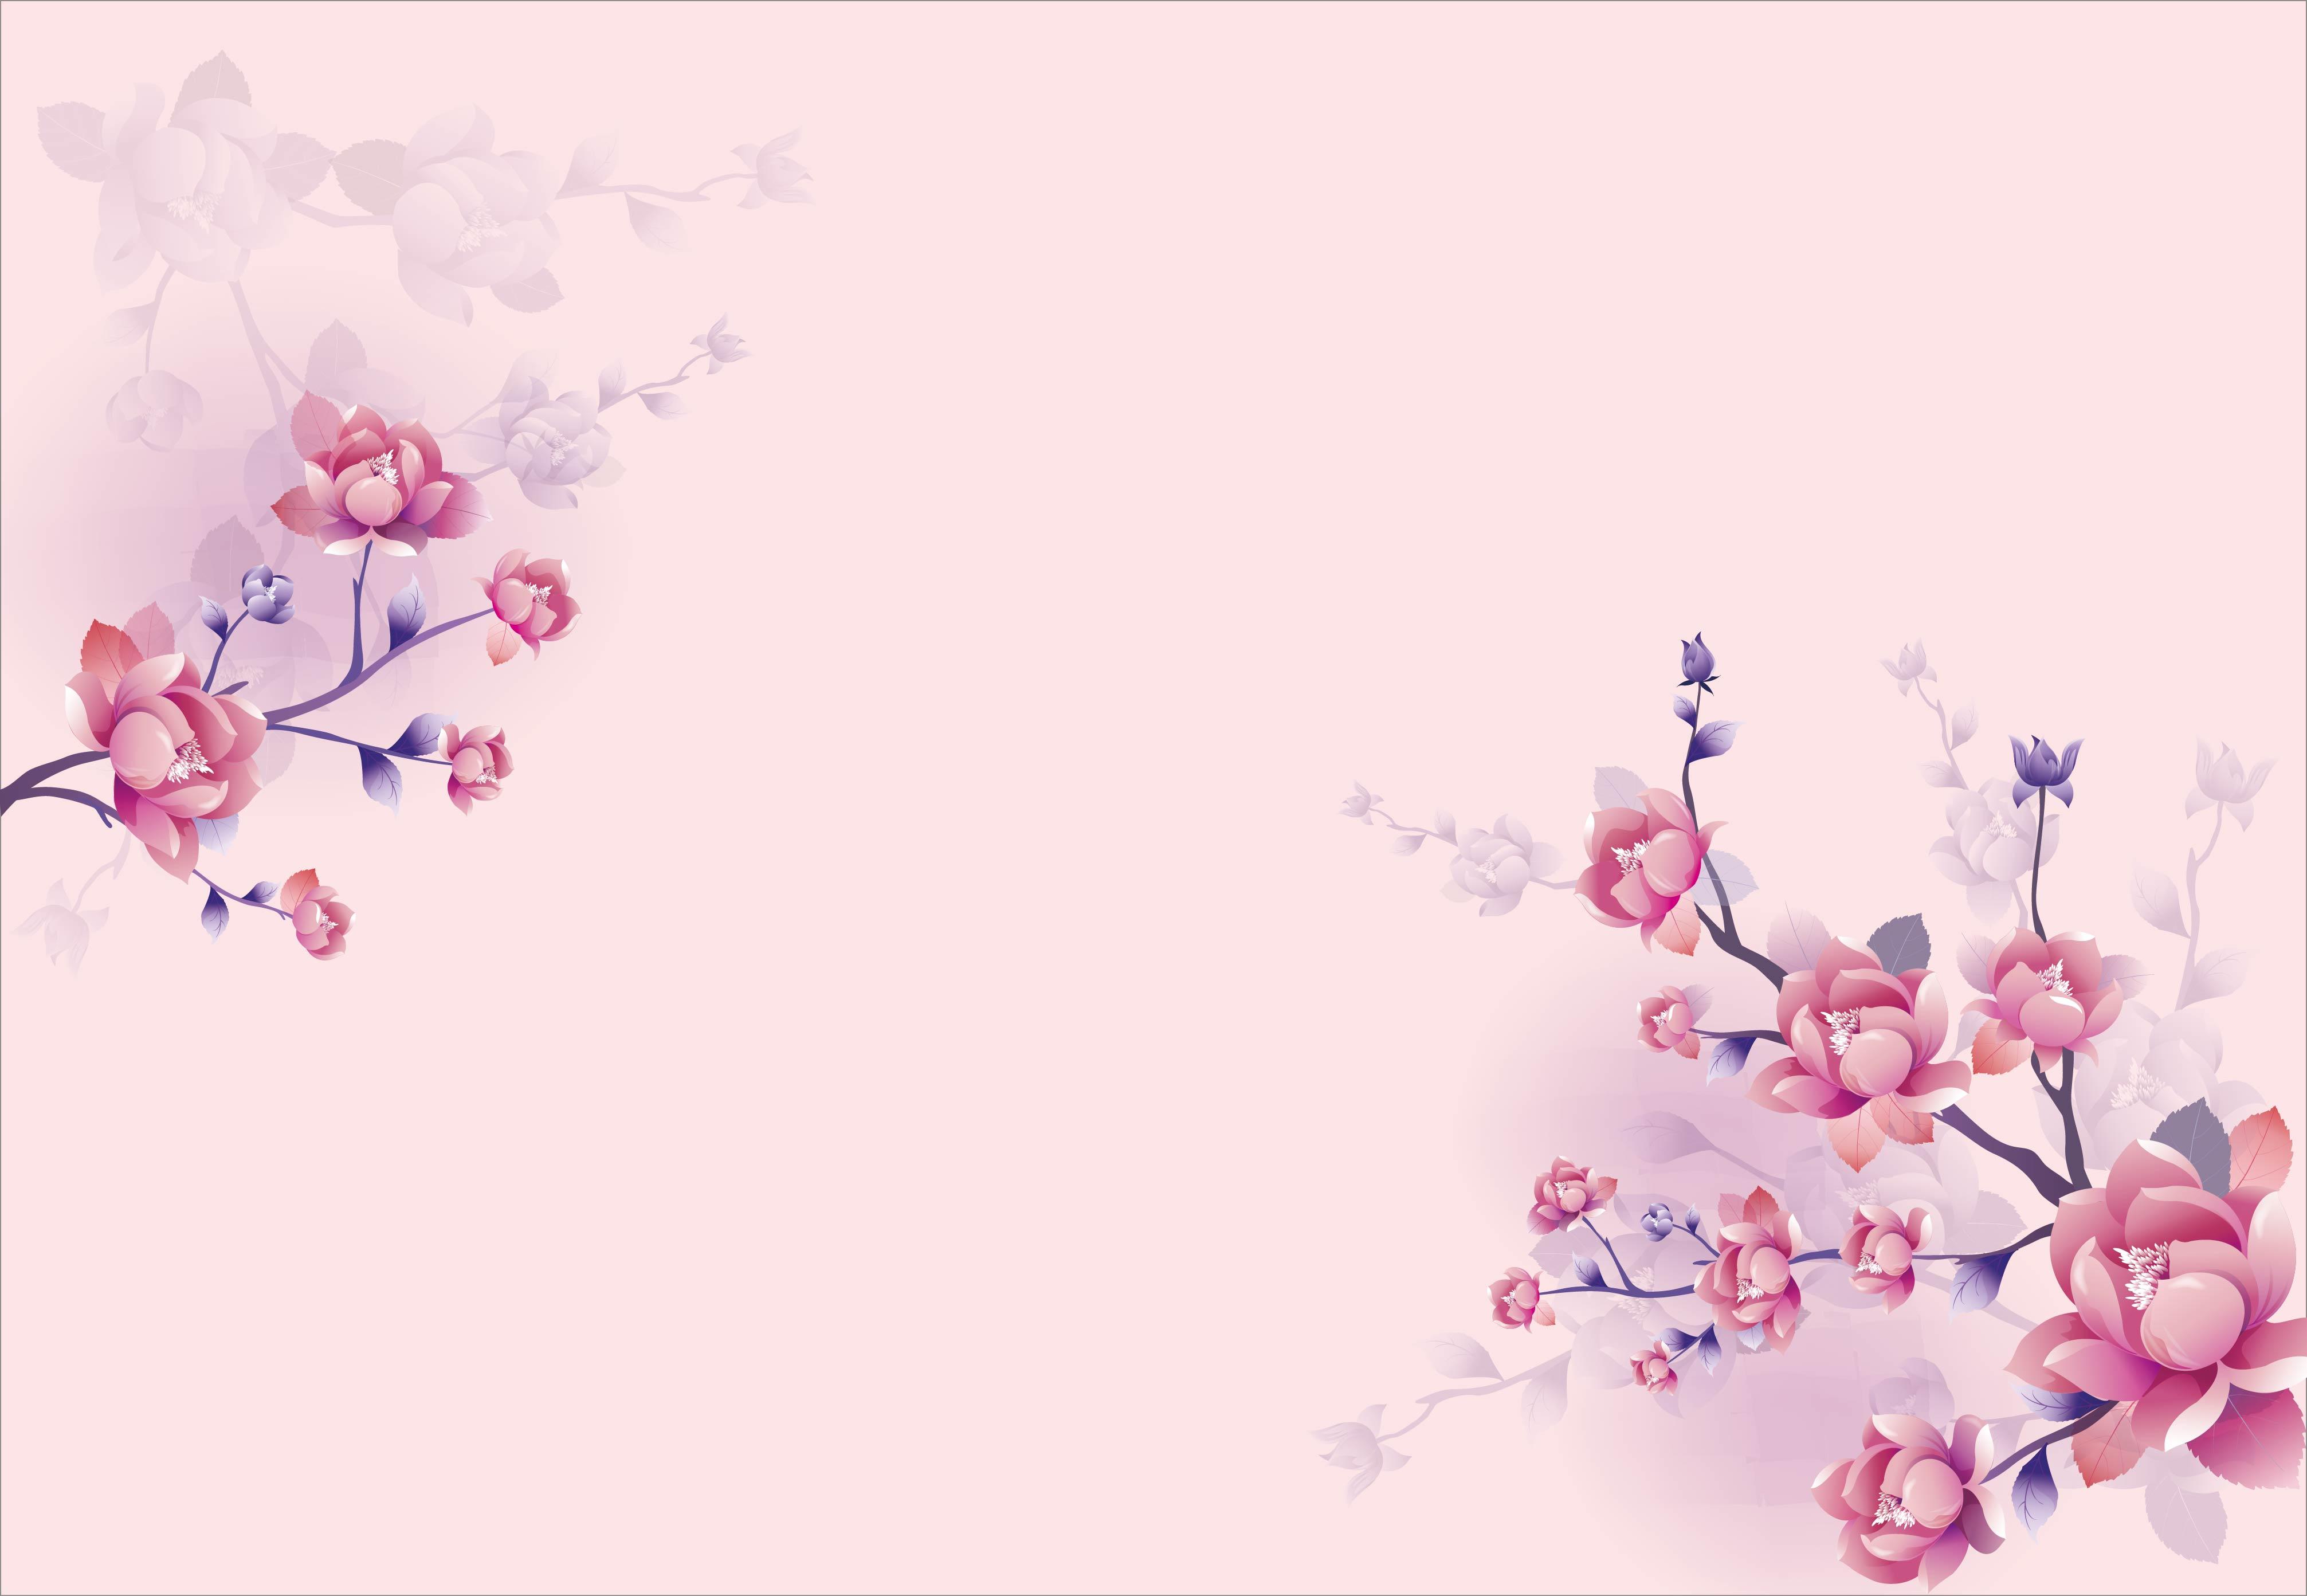 Il Vettore Di Fiori Rosa Antico Contesto Materiale Vettore Rosa